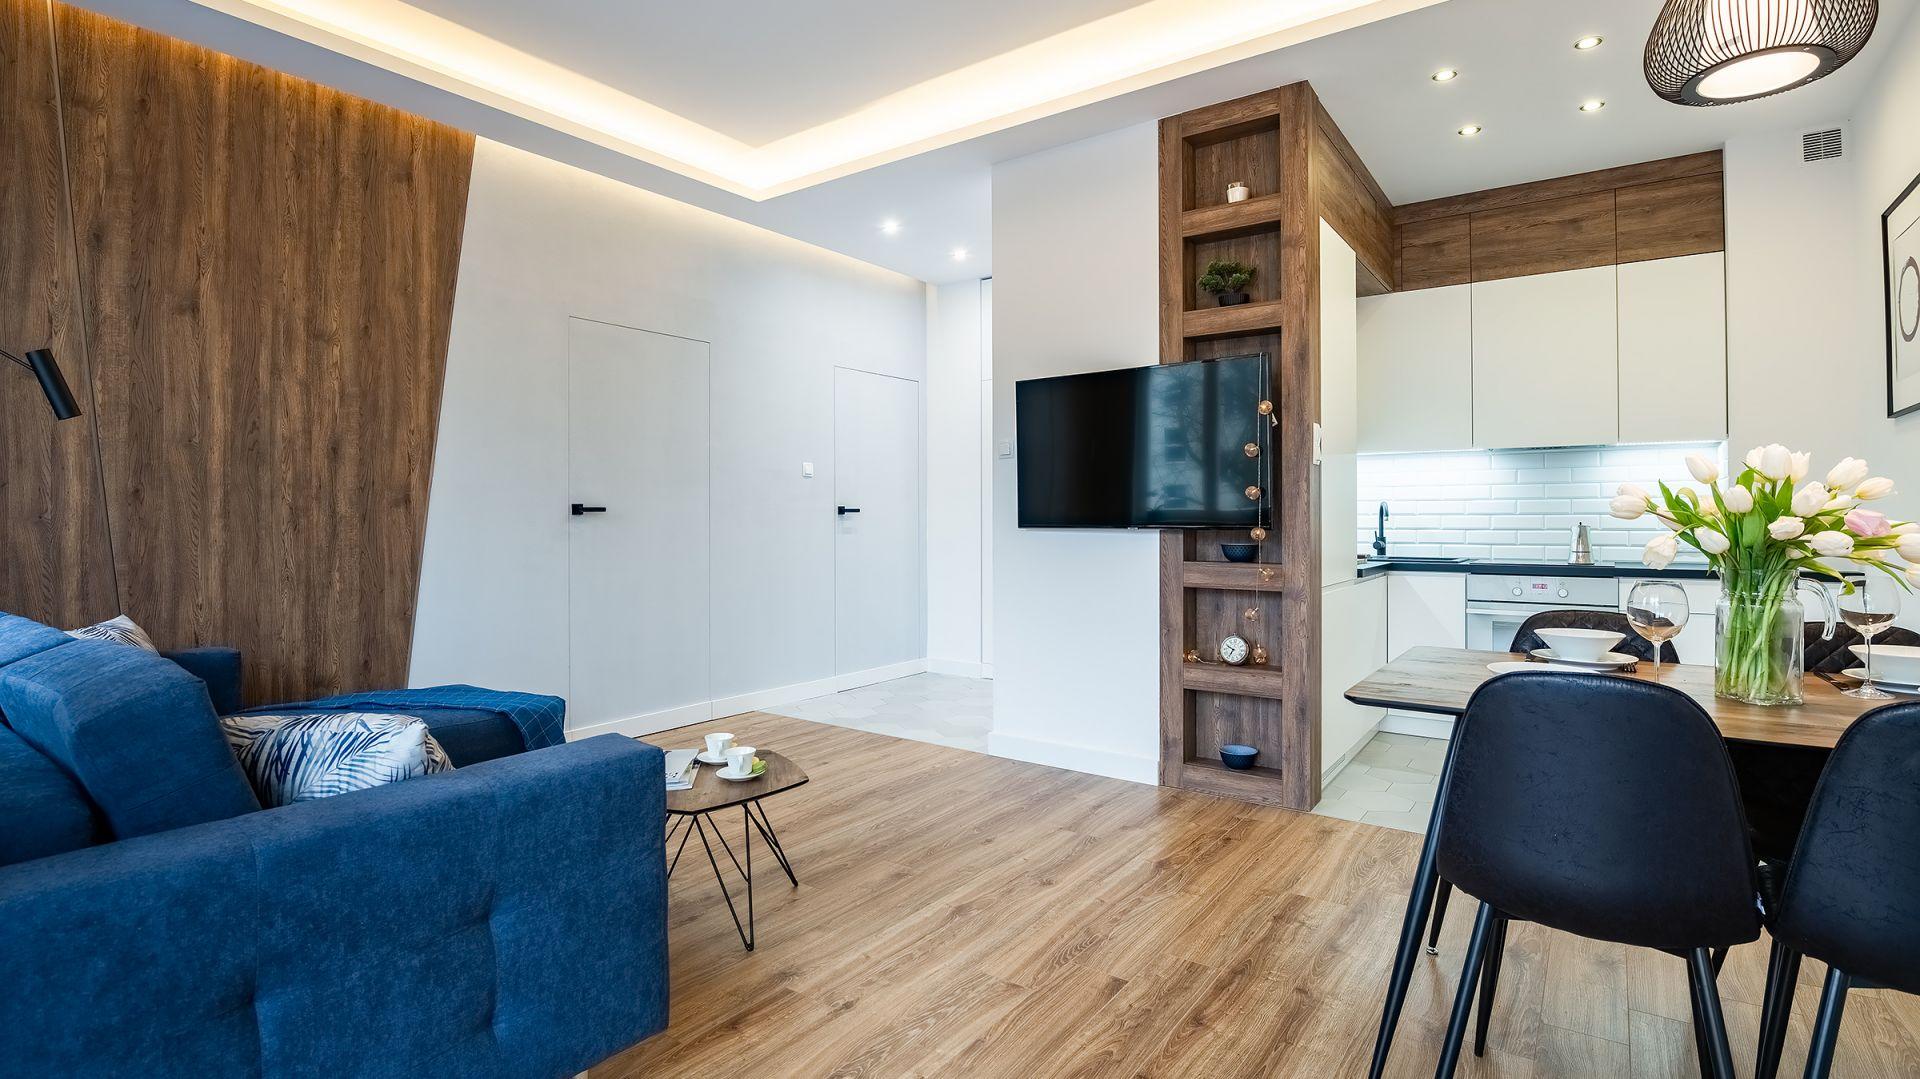 Oświetlenie w salonie. Projekt: Baransu – inwestycje w mieszkania na wynajem. Fot. Paweł Martyniuk